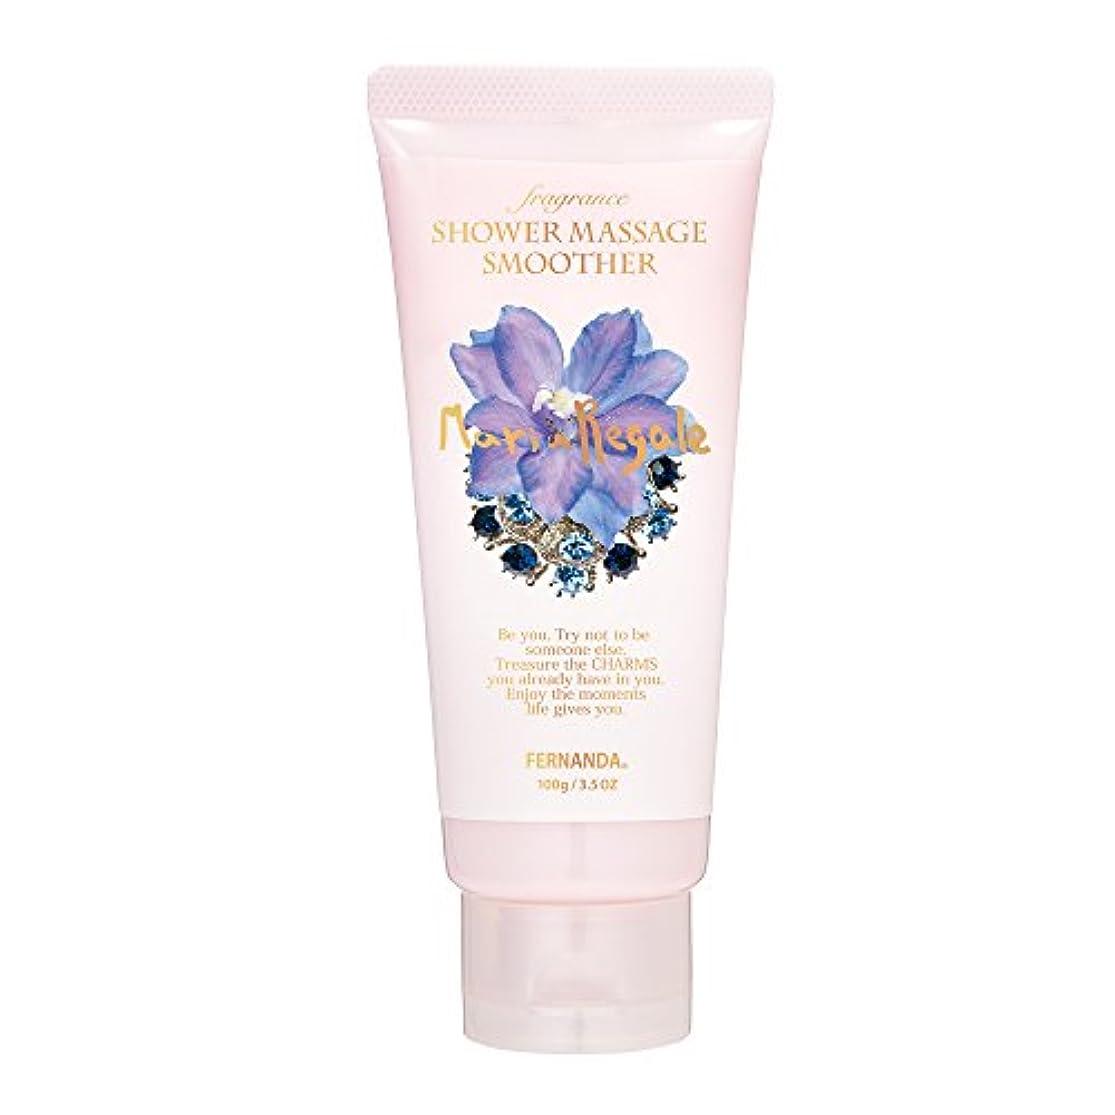 売る手を差し伸べるマニアFERNANDA(フェルナンダ) Fragrance Shower Massage Smoother Maria Regale (シャワーマッサージスムーサー マリアリゲル)